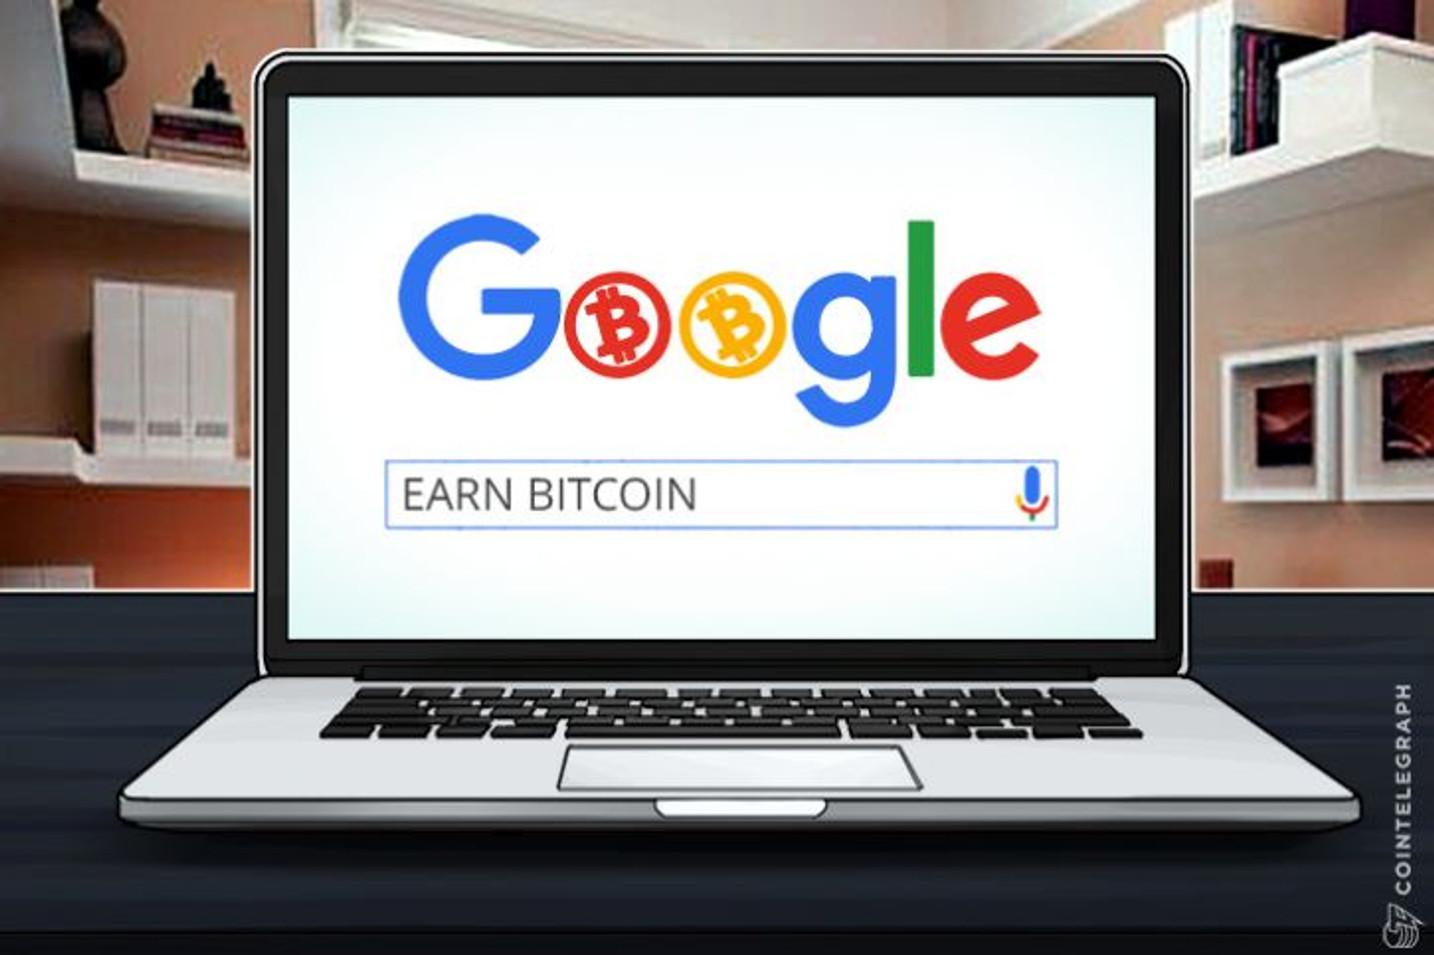 """""""ビットコイン 稼ぐ""""の検索ワードが過去最高の検索数に―米国、インド、フィリピンからの検索が最多"""